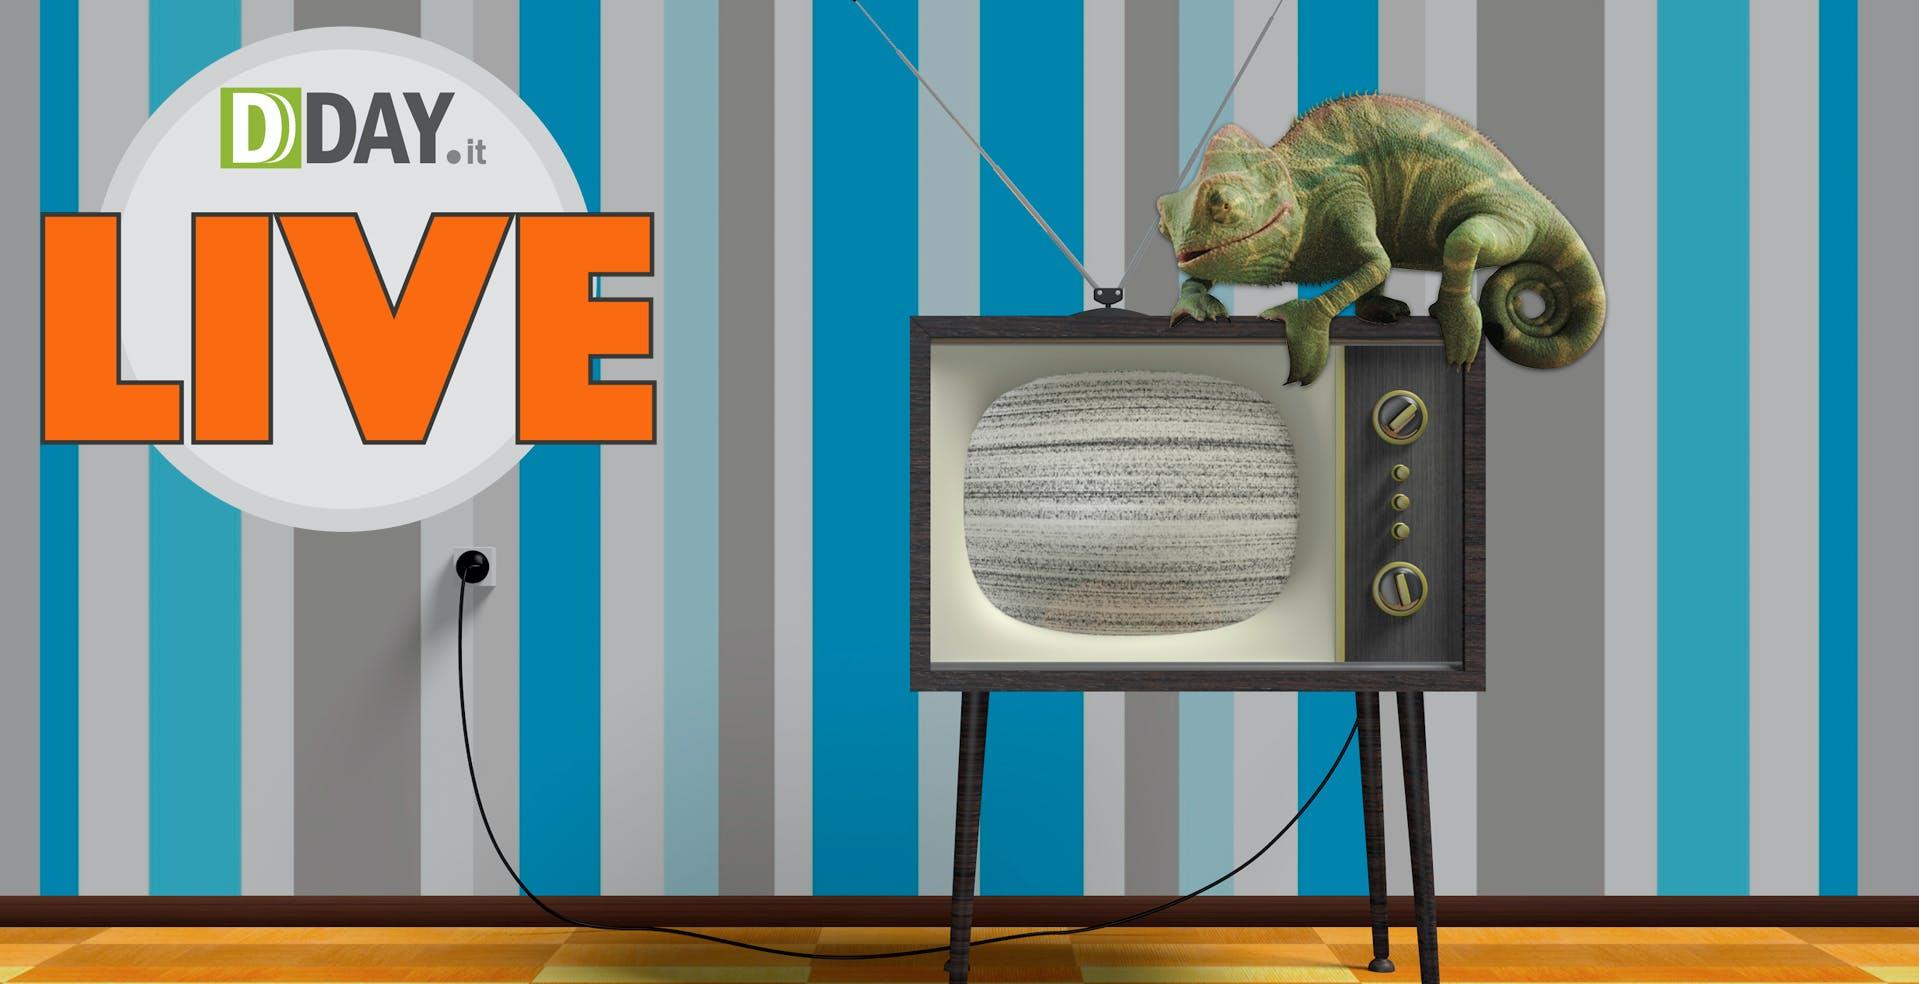 Tre mesi allo Switch-off TV. Il 27 maggio ne parliamo in diretta con i protagonisti del settore